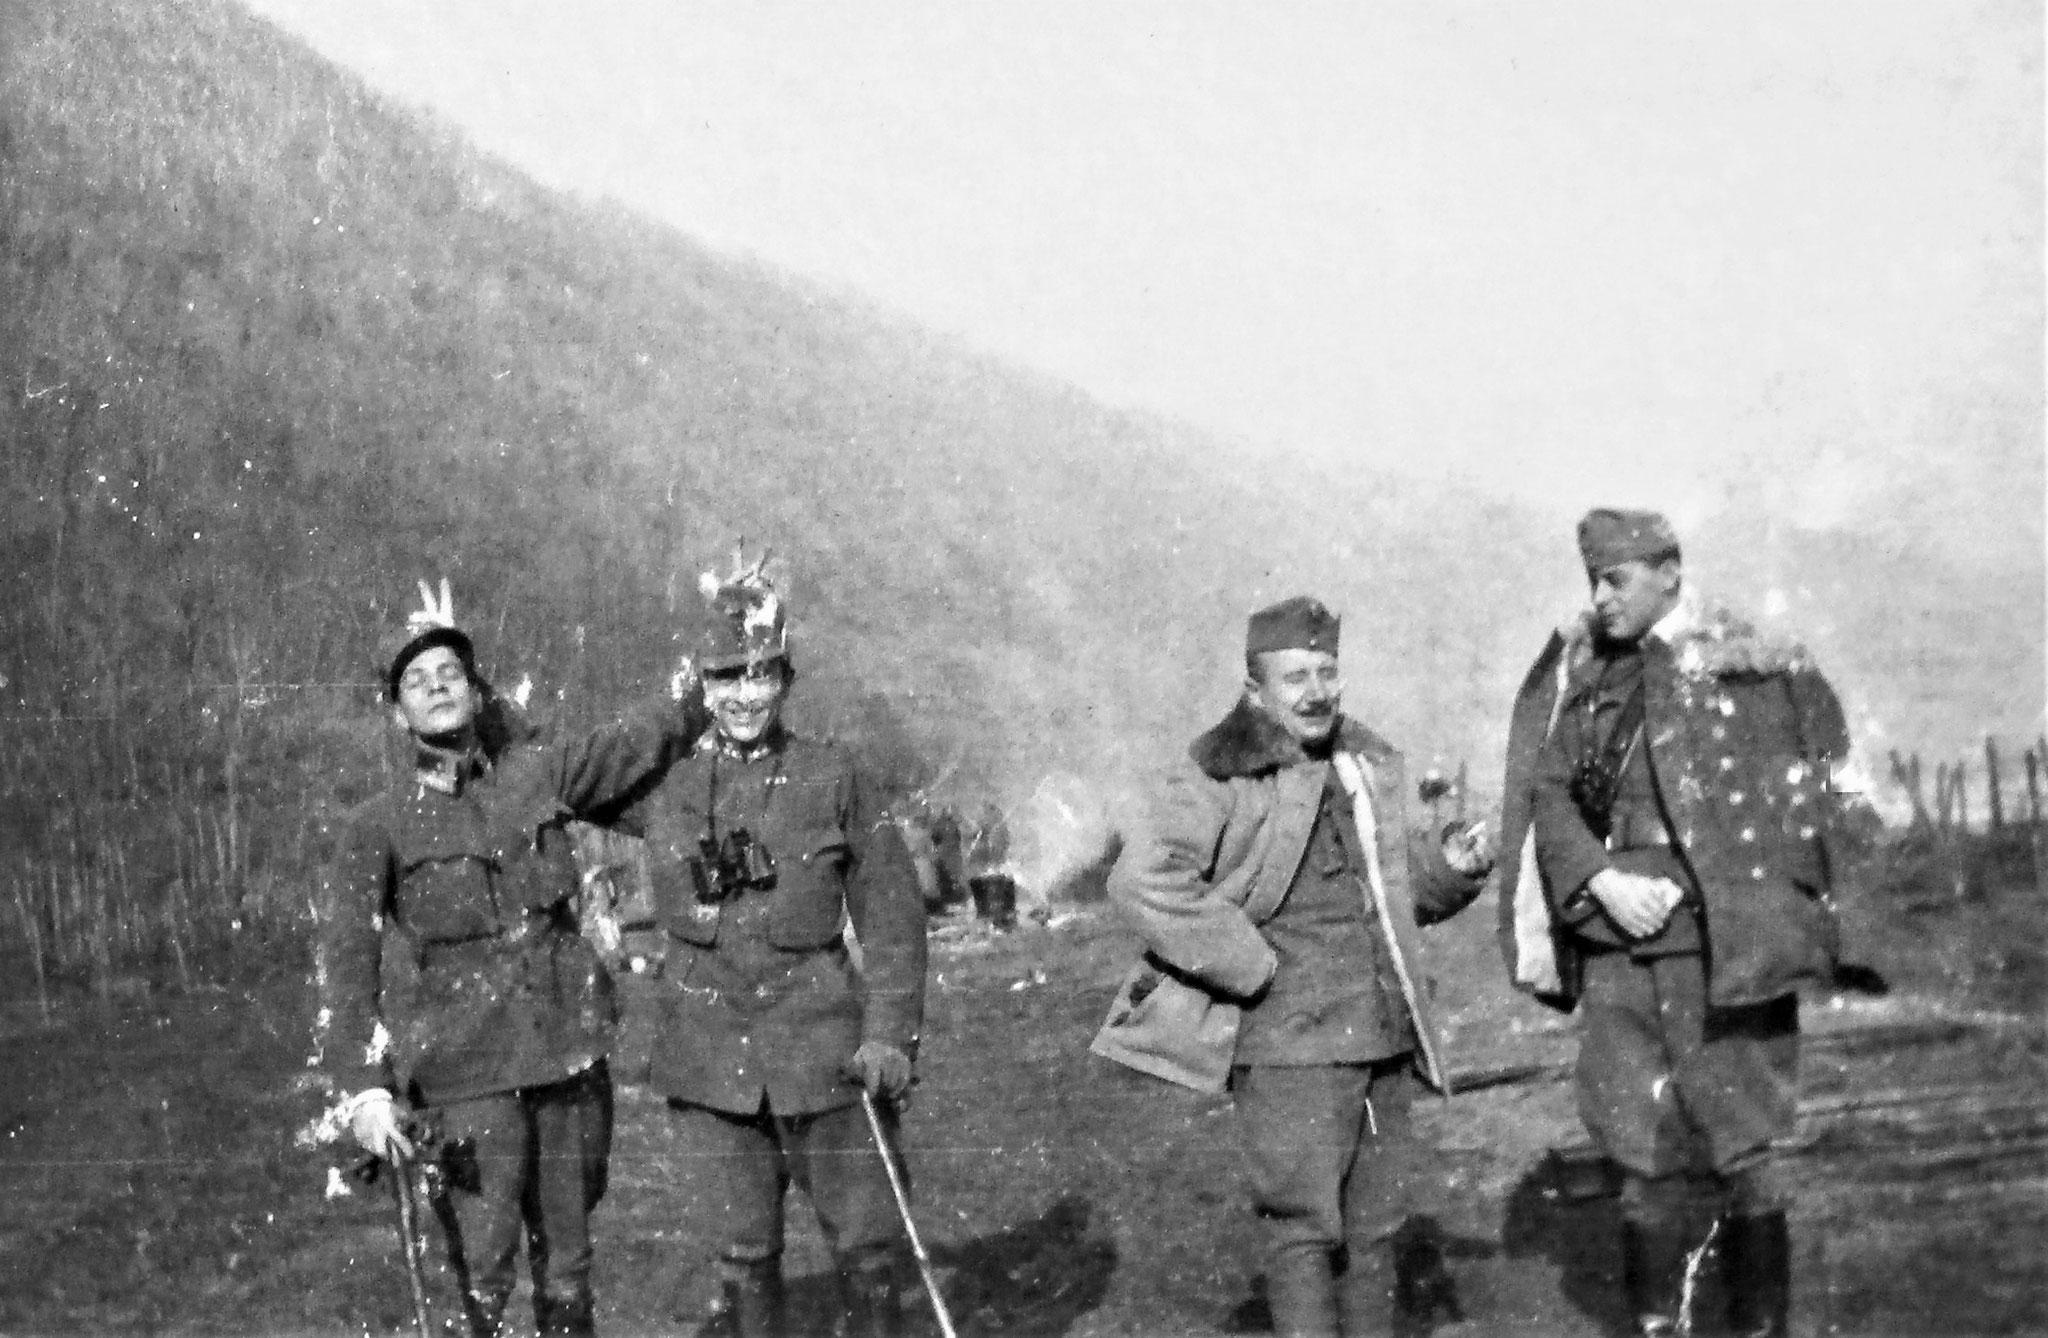 Max E. Attems, Erich Attems, Uram und Vizontay, RAD 6, Kmdt des Sturmabwehrgeschützes.